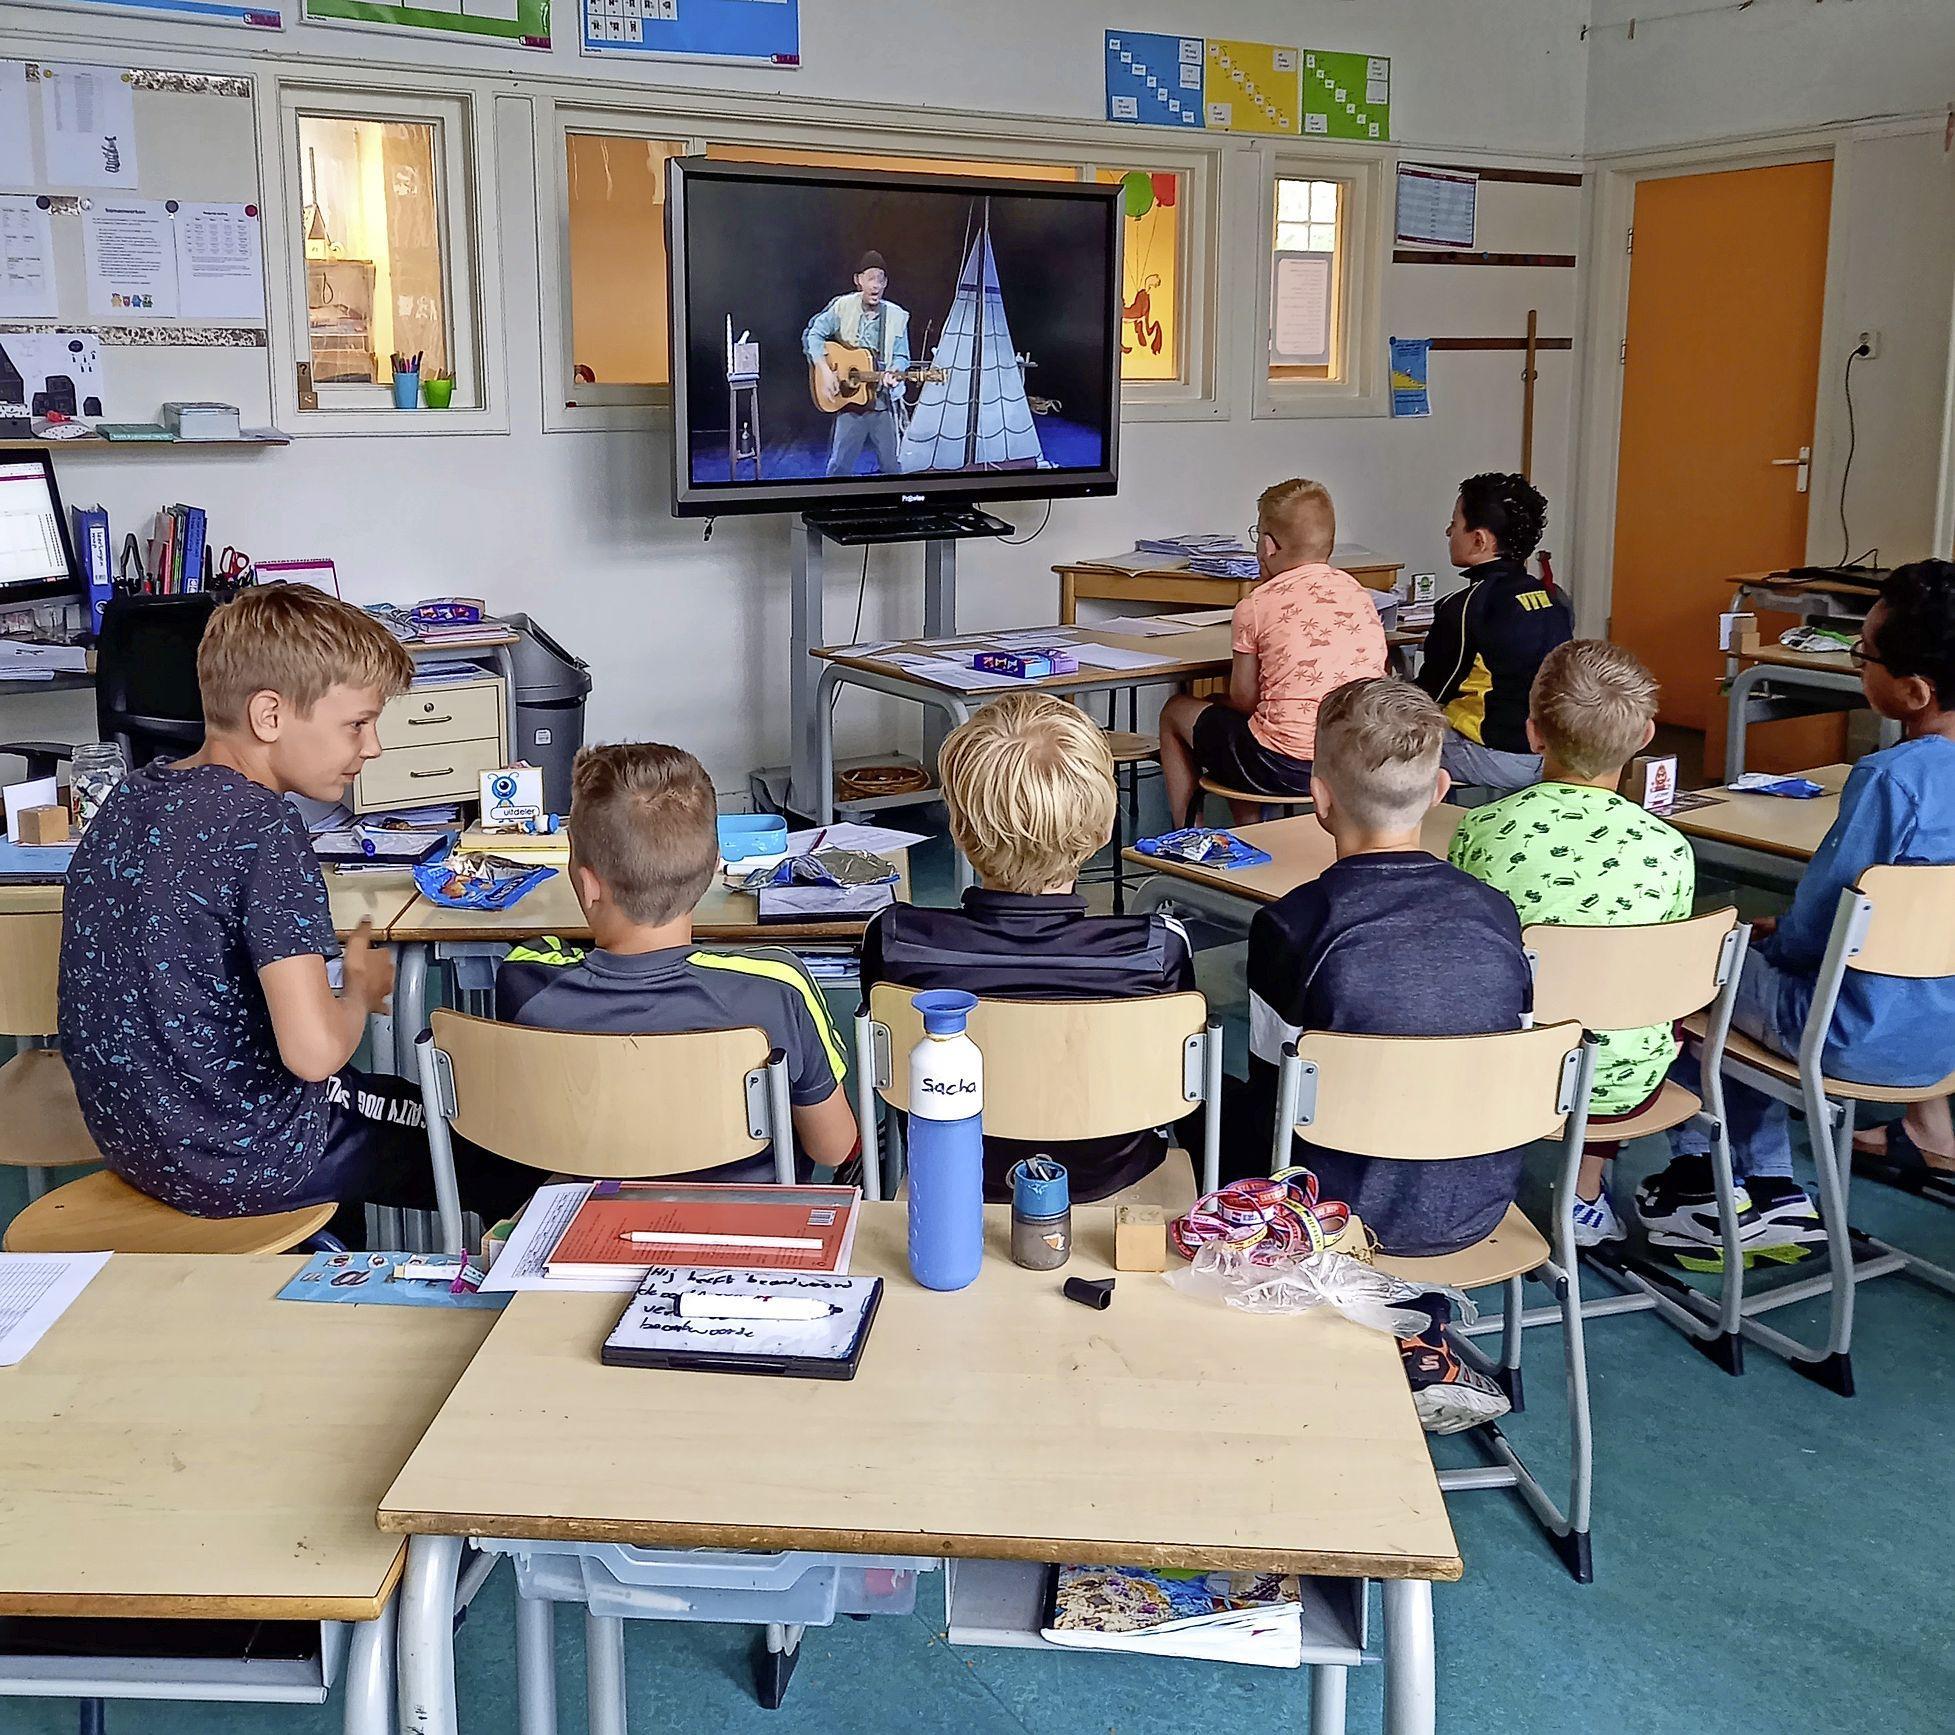 School voor even omgetoverd tot bioscoop. Leerlingen van SKOWF-scholen krijgen als cadeautje een digitale theatervoorstelling voorgeschoteld